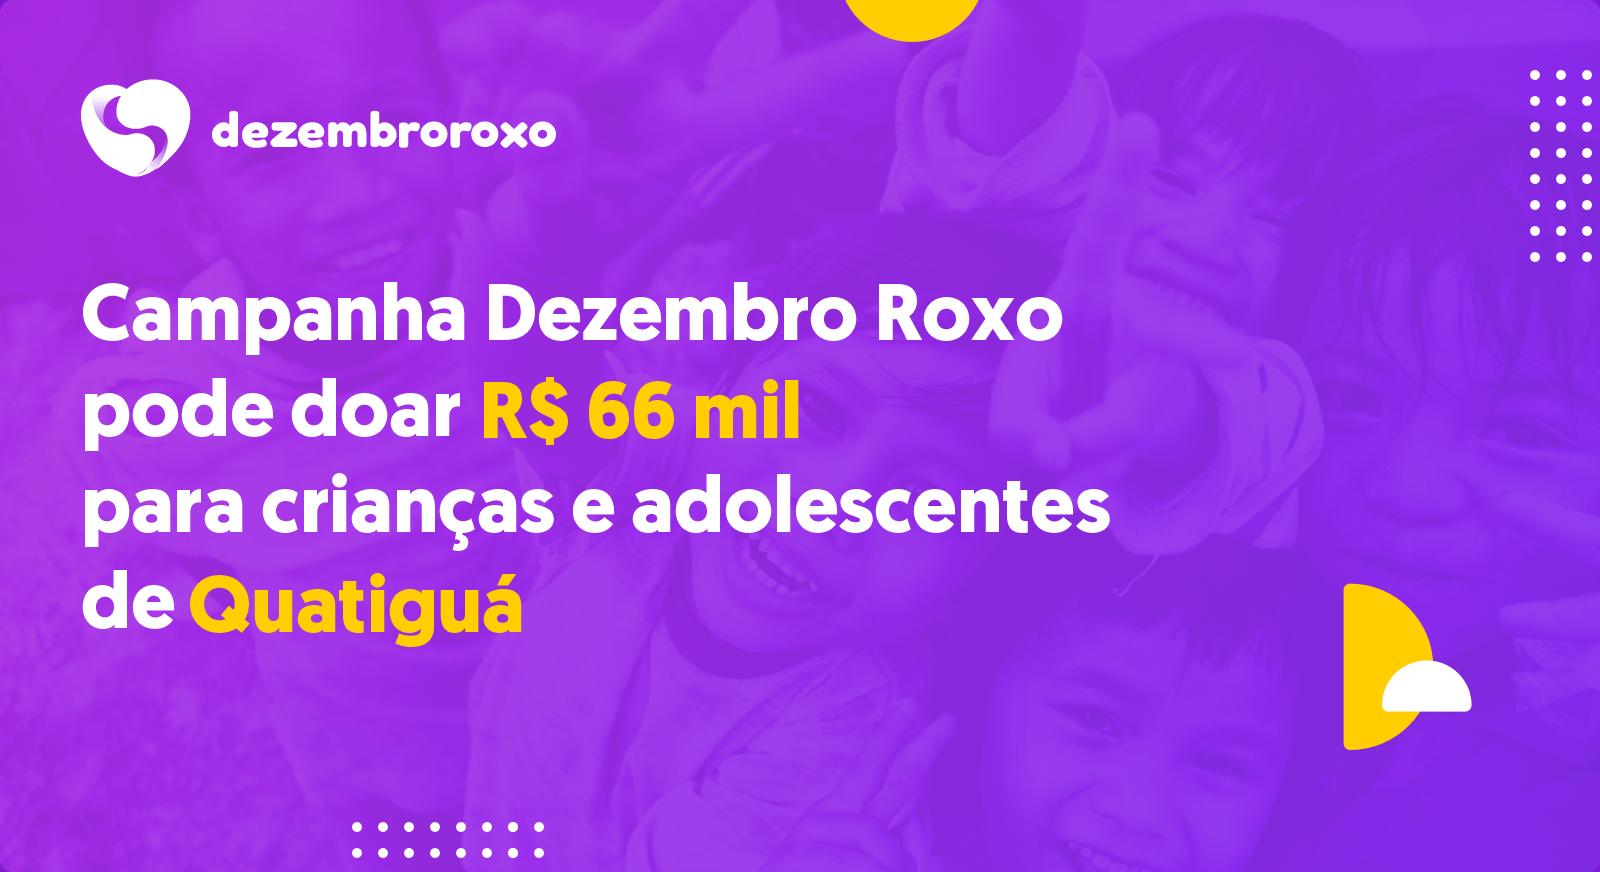 Doações em Quatiguá - PR